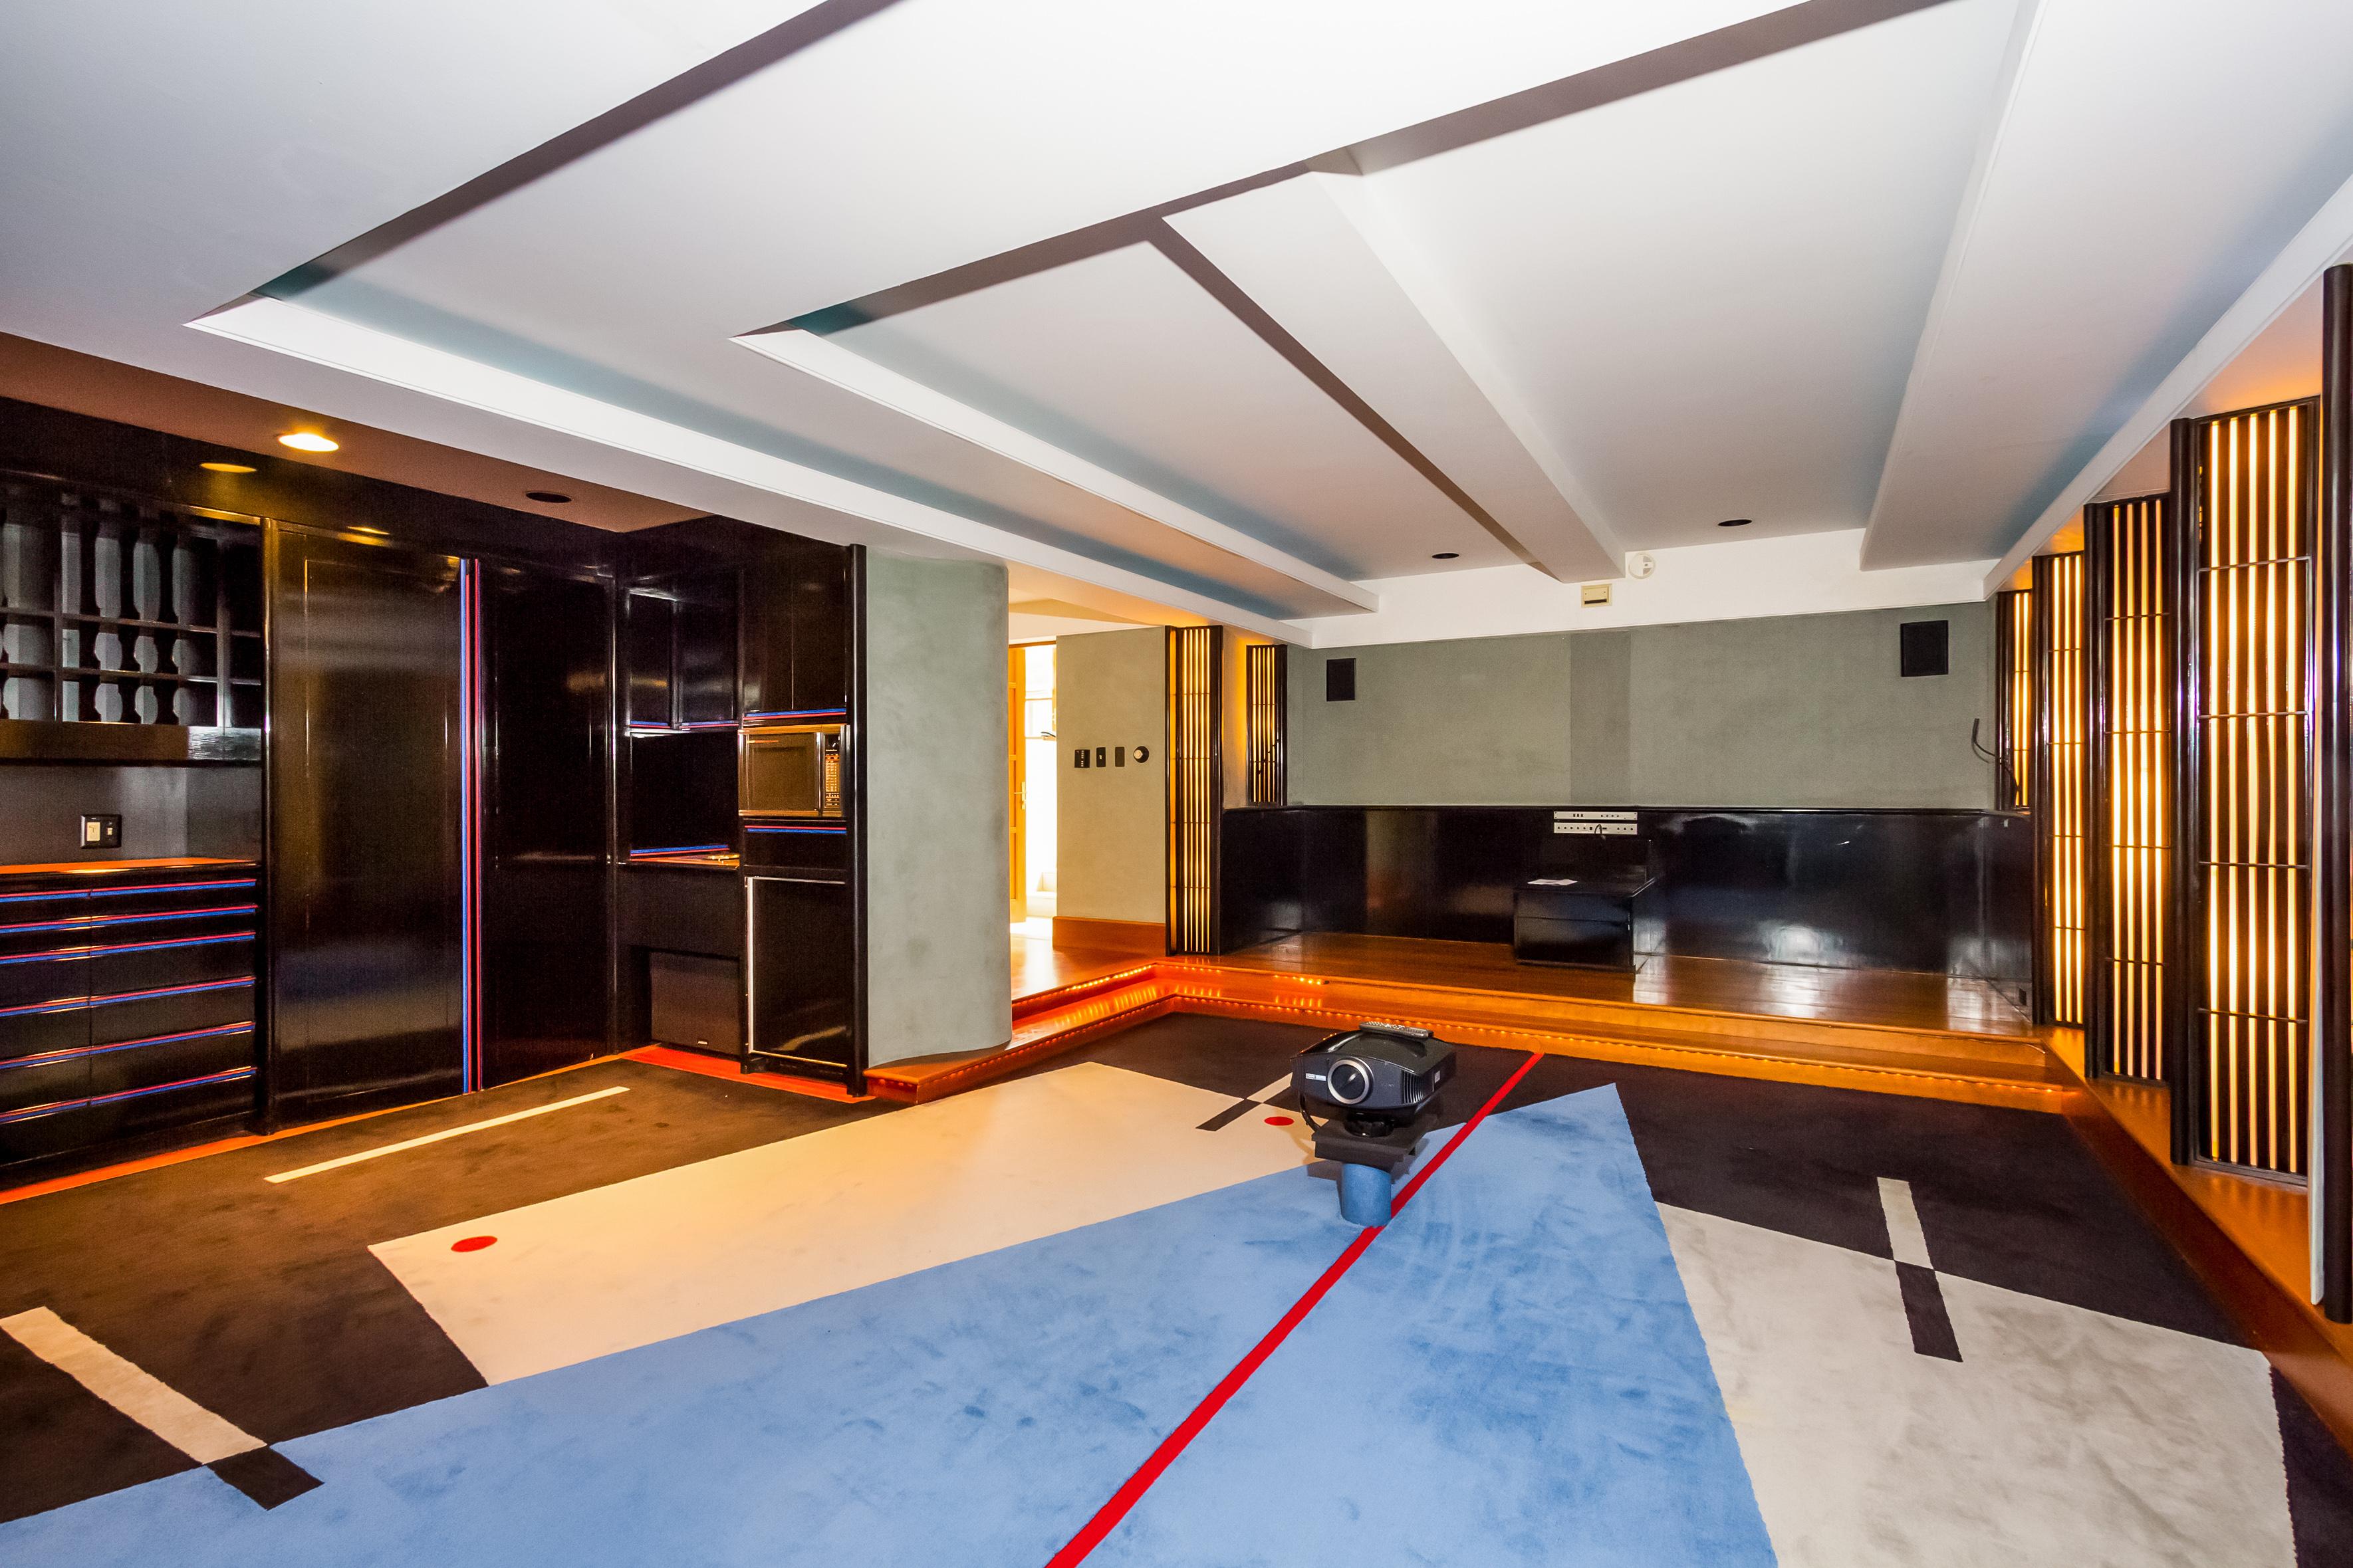 050-Media_Room-4840847-large